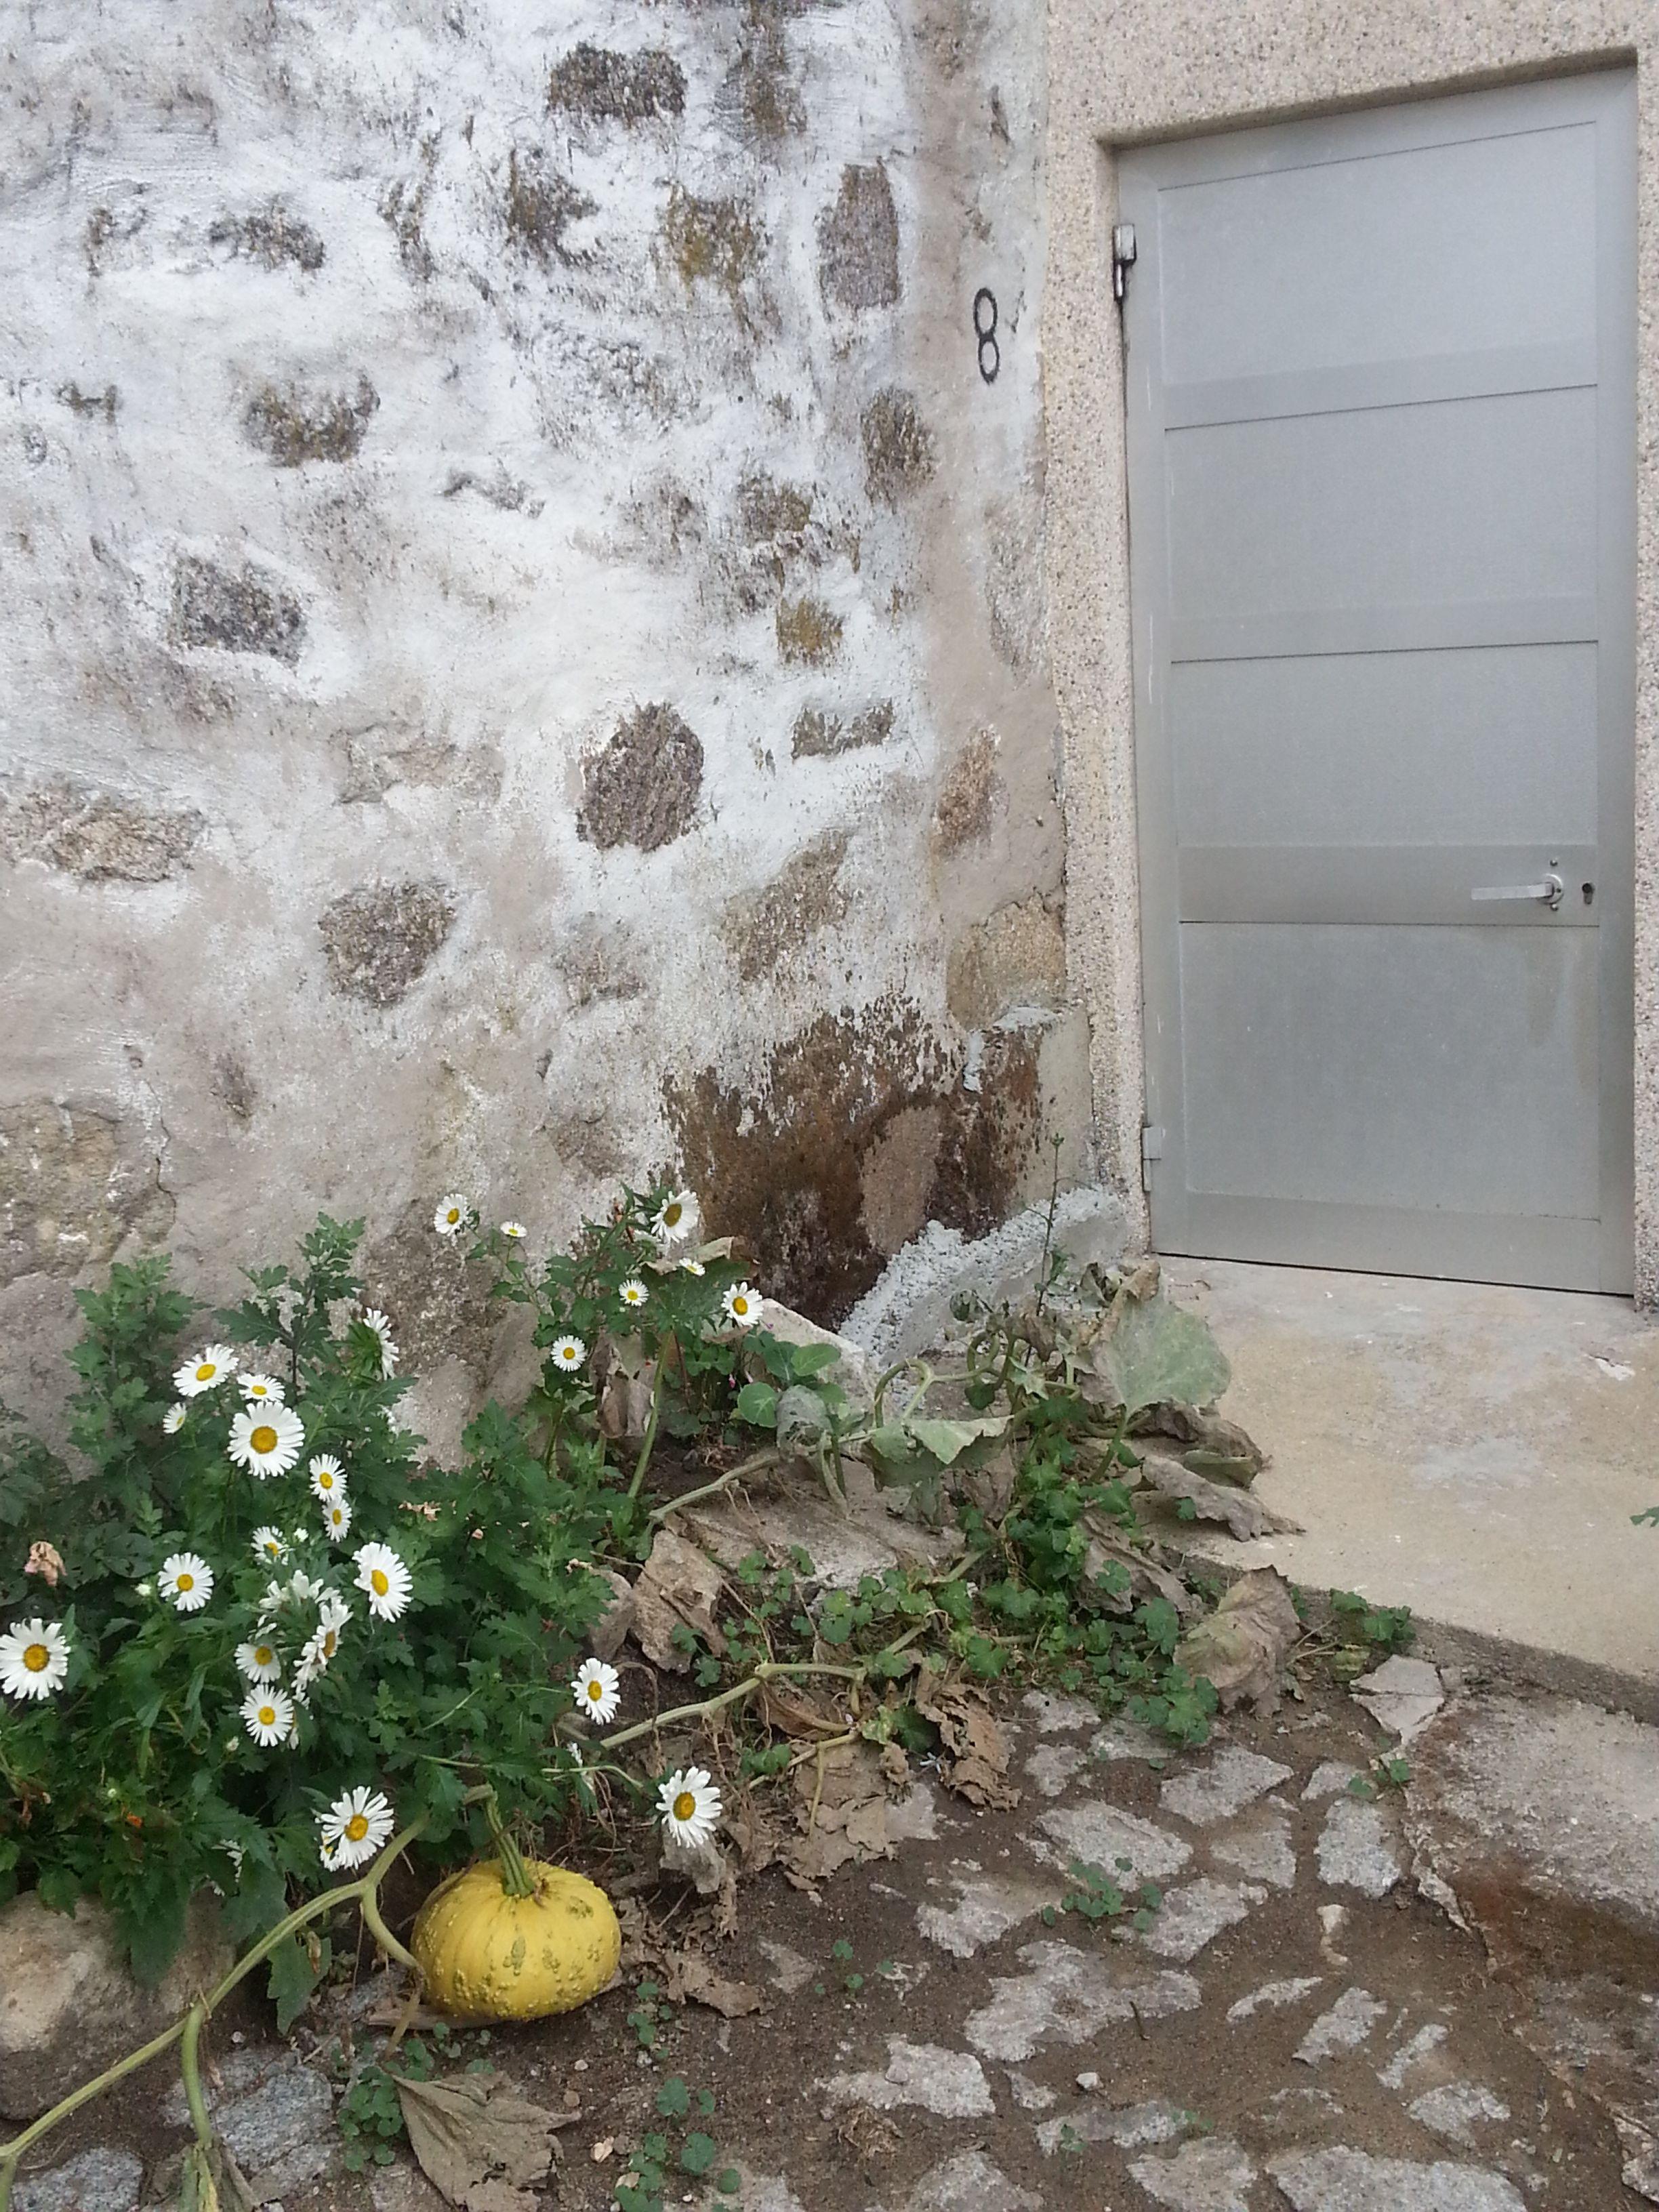 Le potiron devant la porte moderne. Gralhas (près de Montalegre). Nord du Portugal 2013